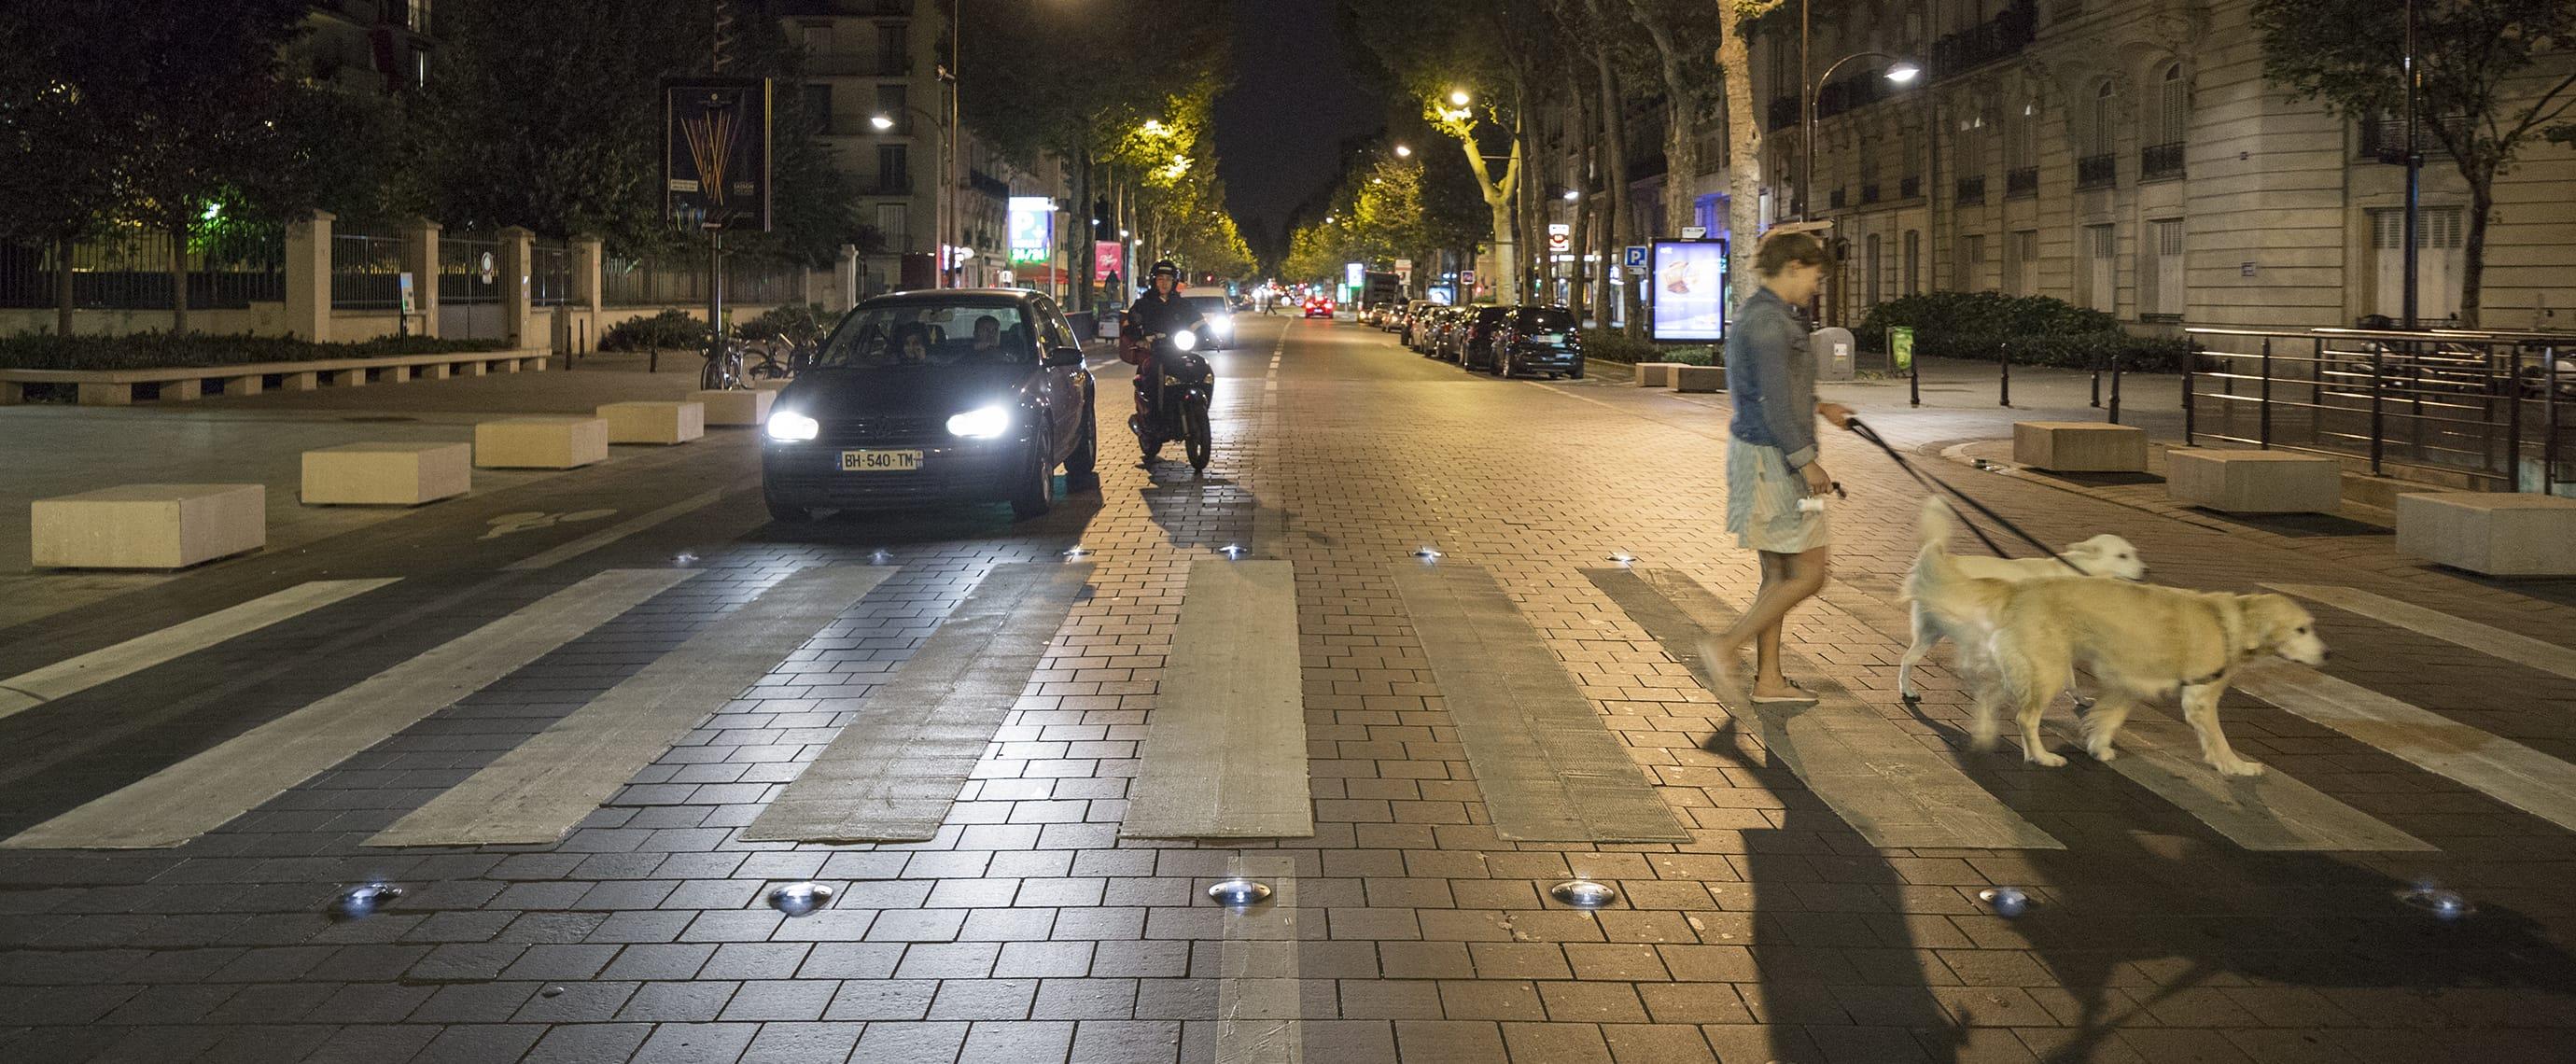 Passage piéton LED avec plot routier solaire ECO-143 Eco-Innov